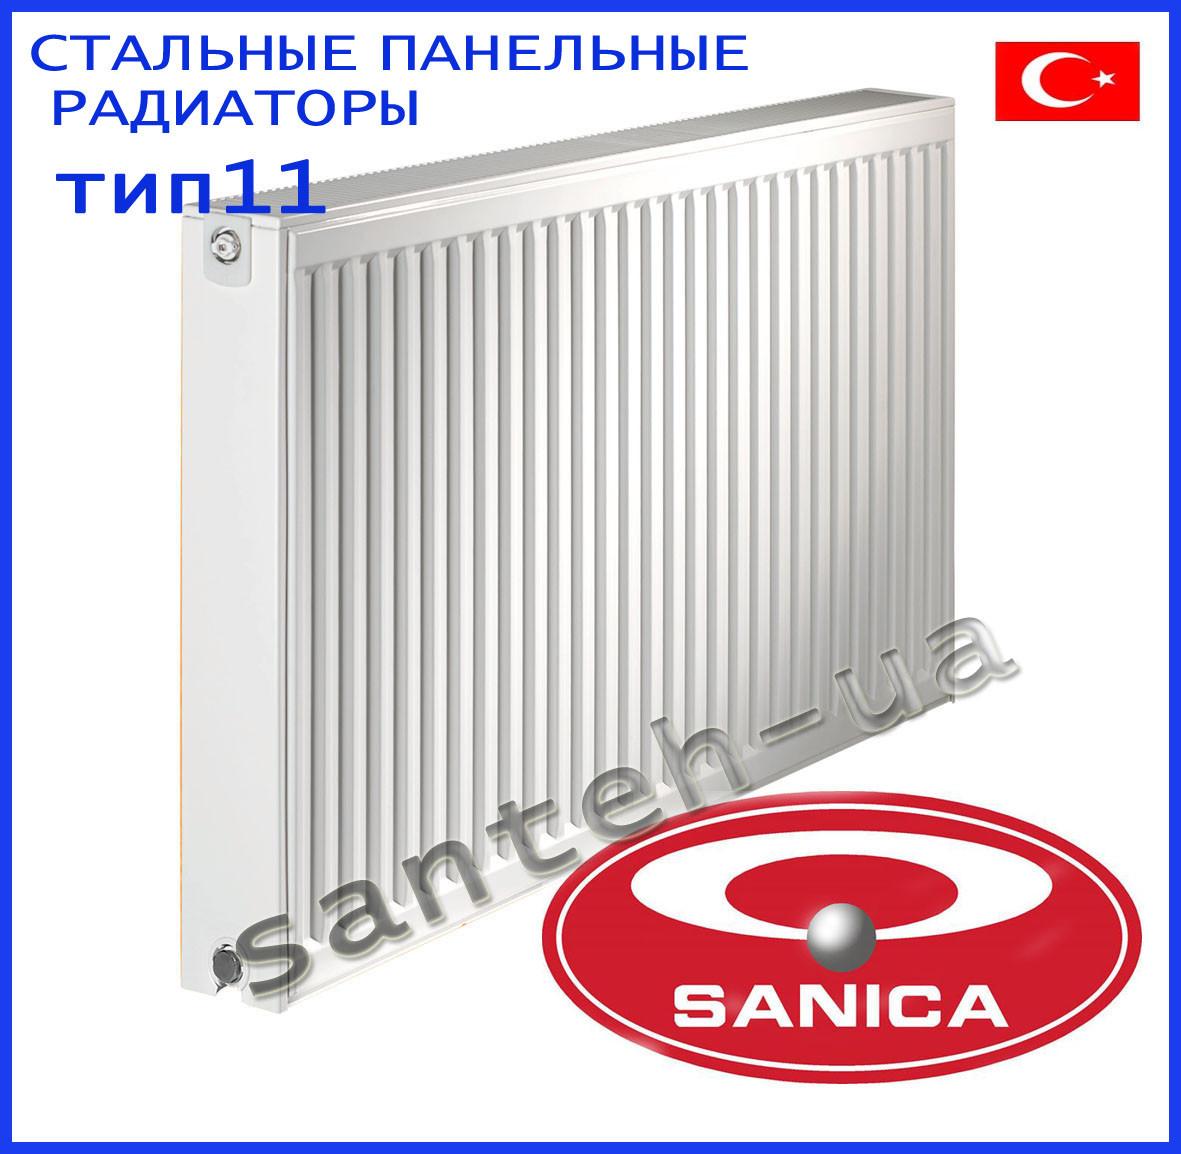 Стальные панельные радиаторы Sanica тип 11 500х800